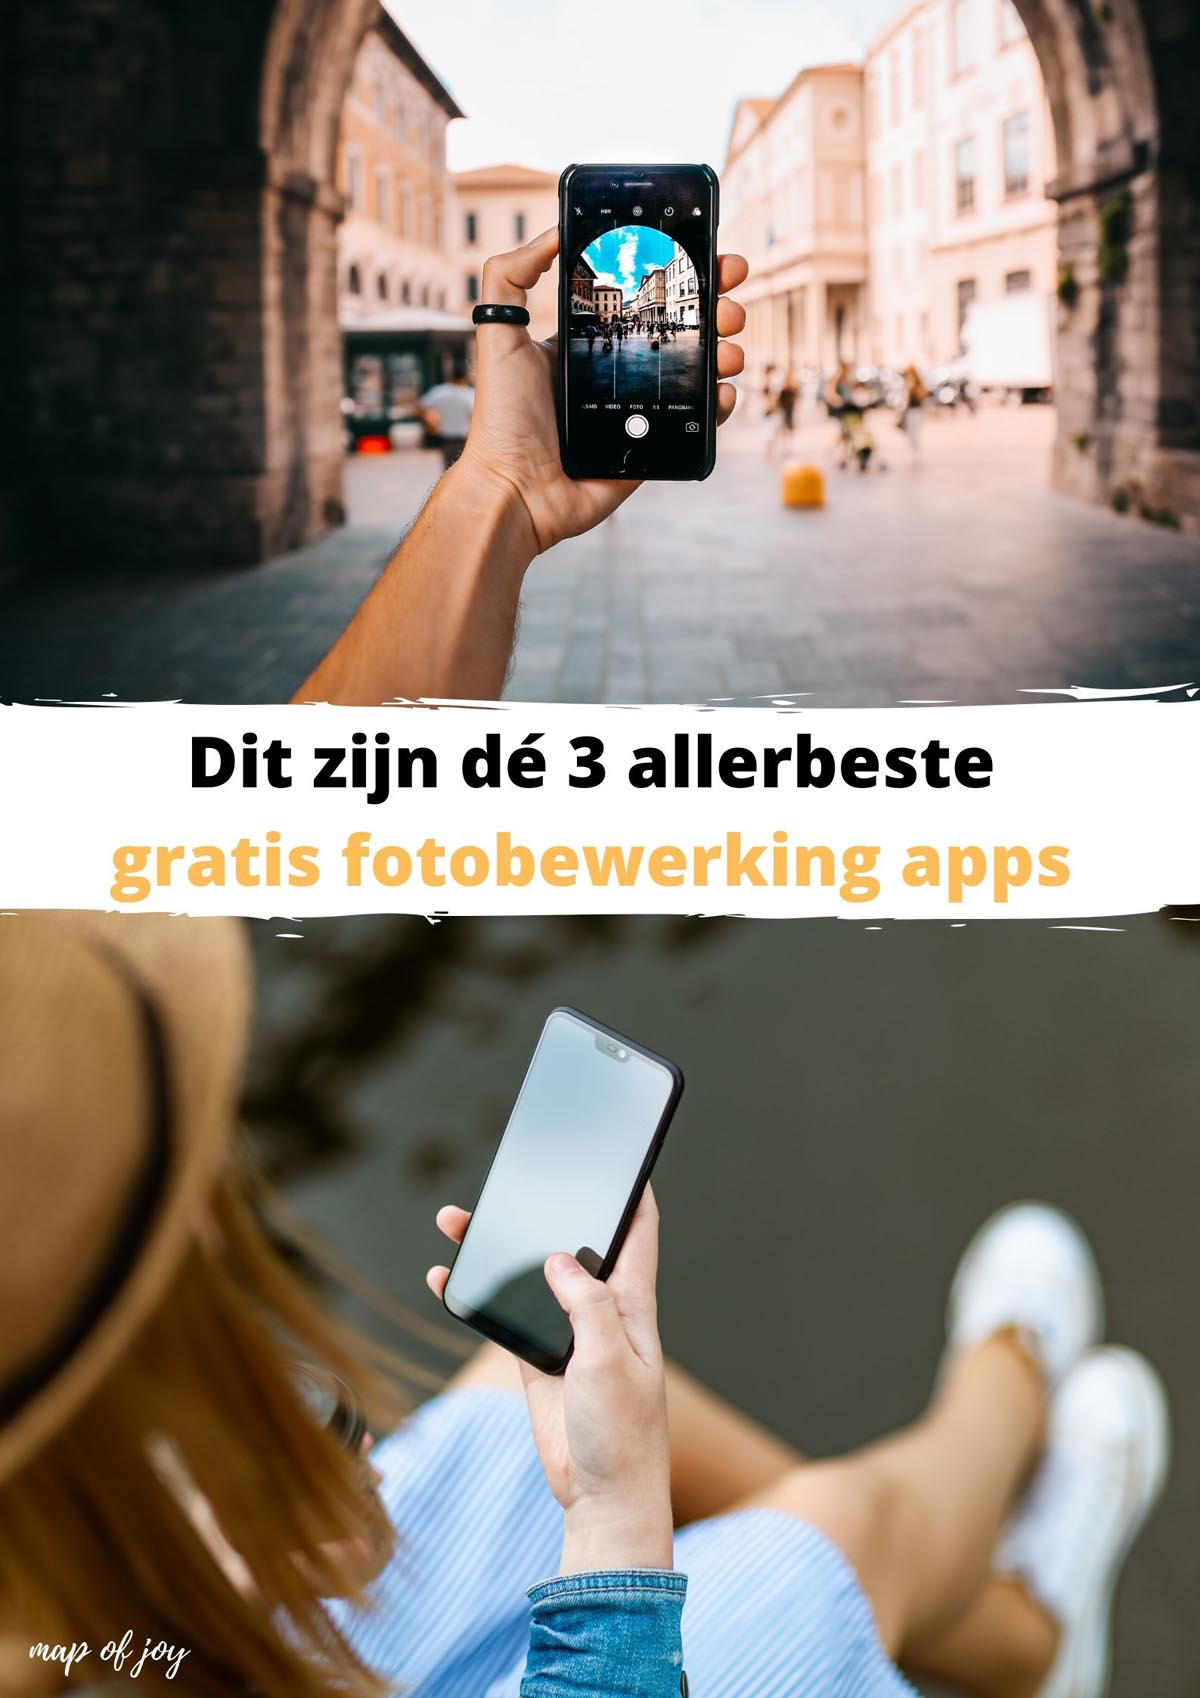 Dit zijn dé 3 allerbeste gratis fotobewerking apps voor op reis